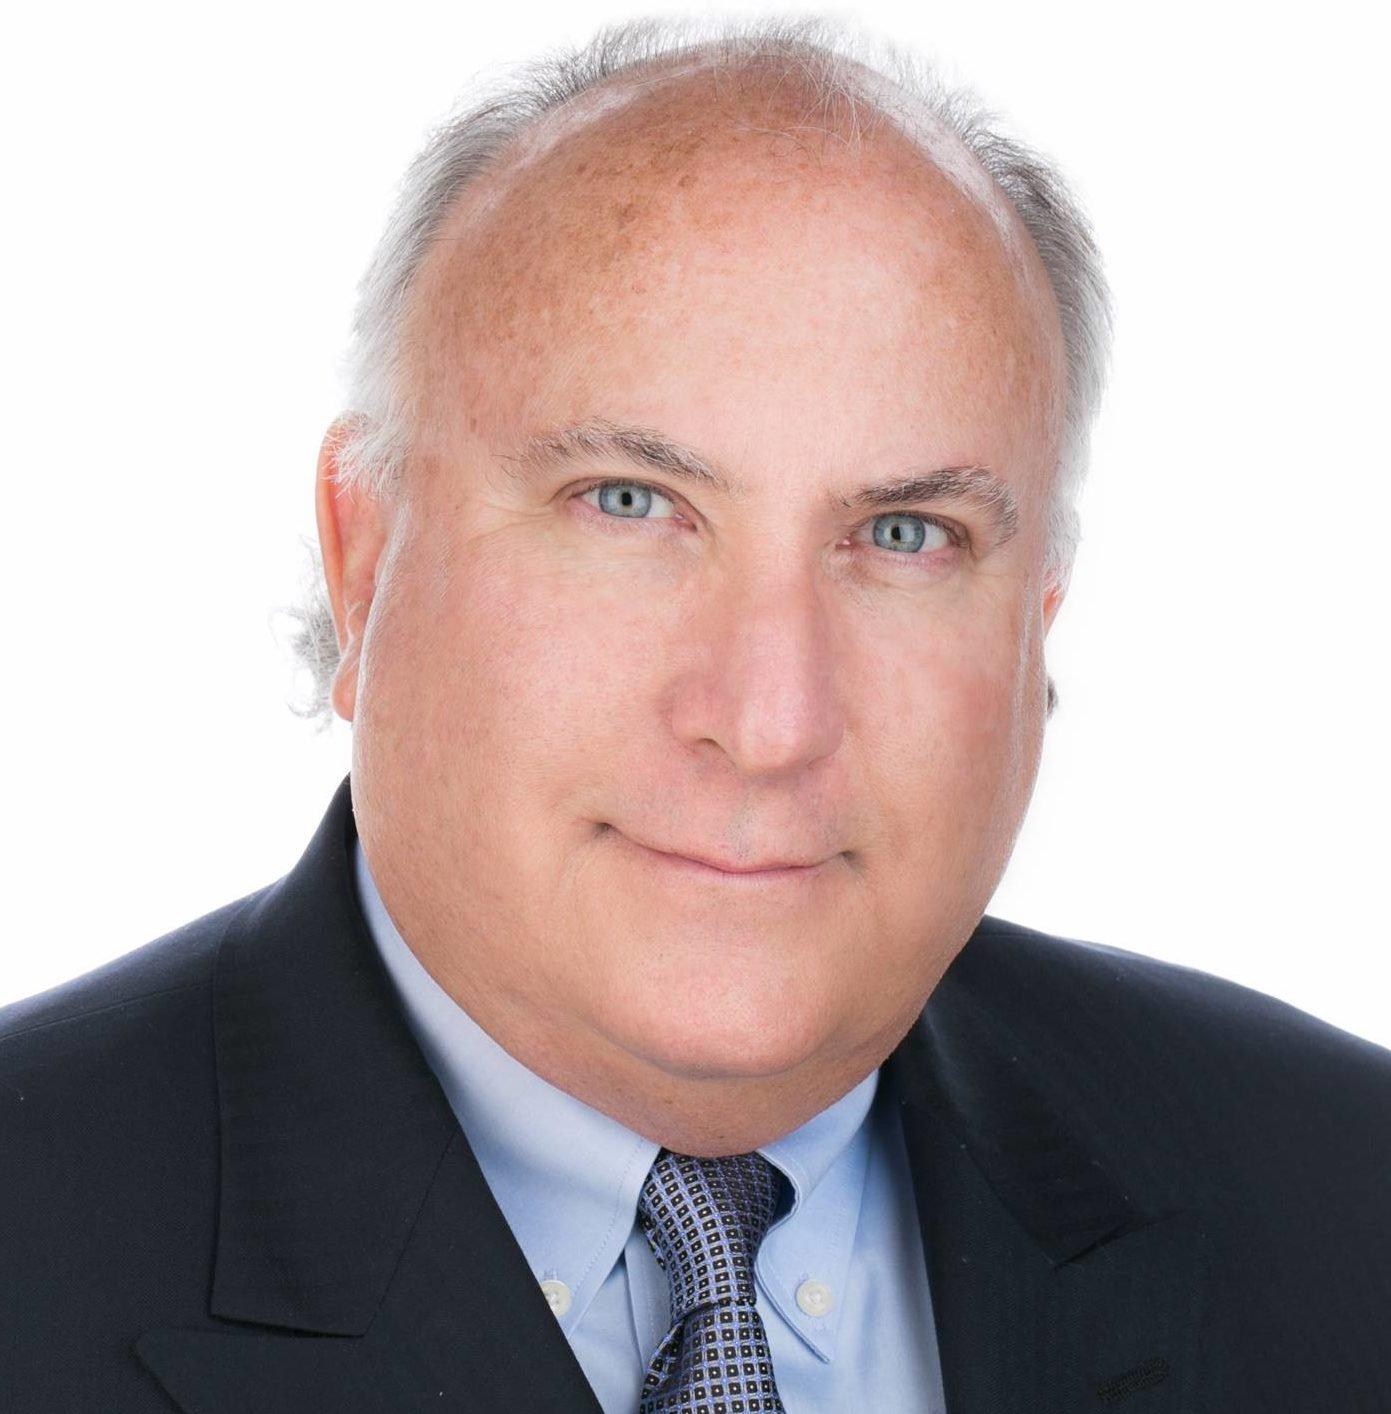 Douglas Rosner